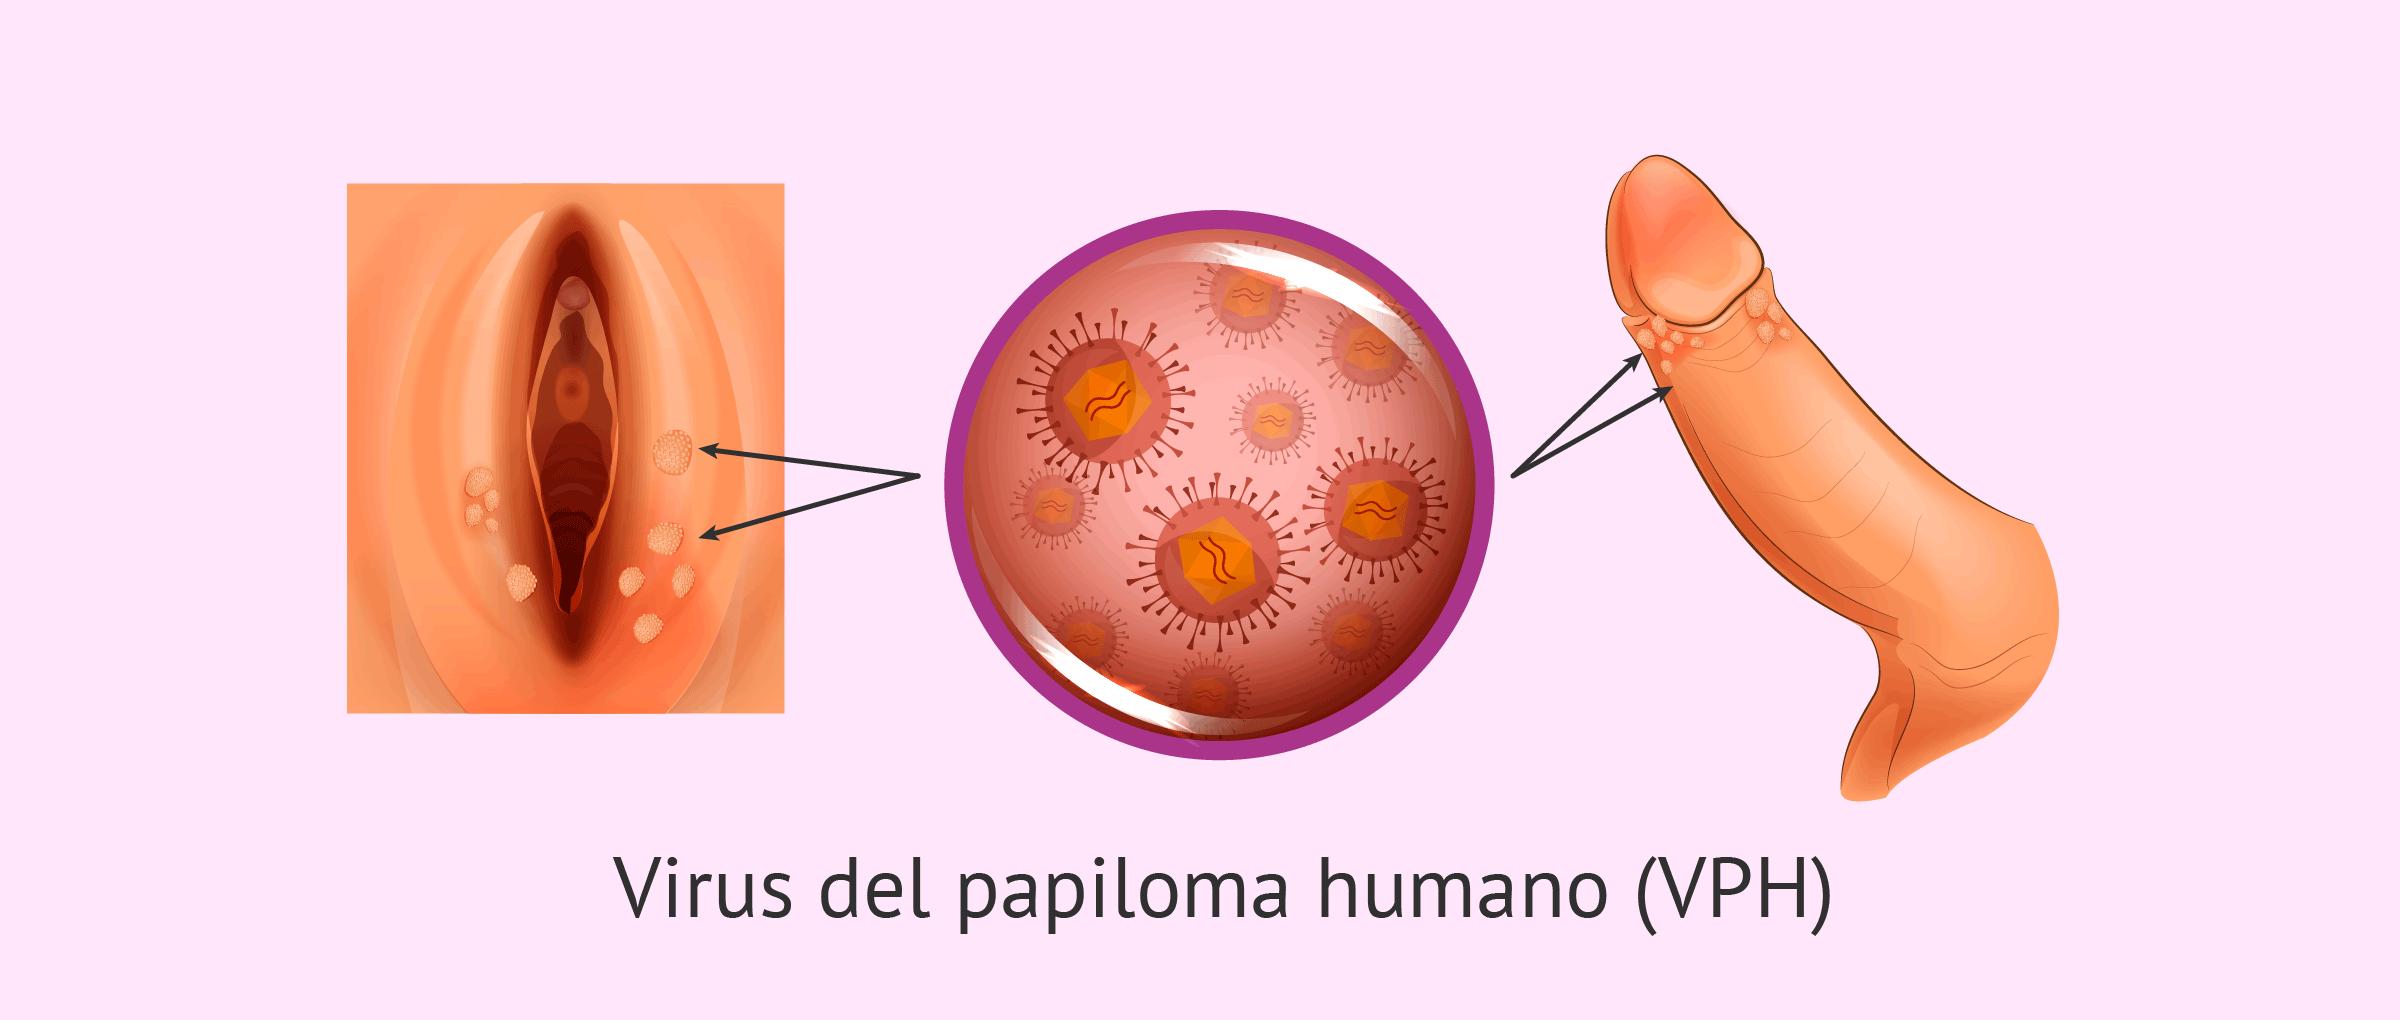 virus que es el hpv